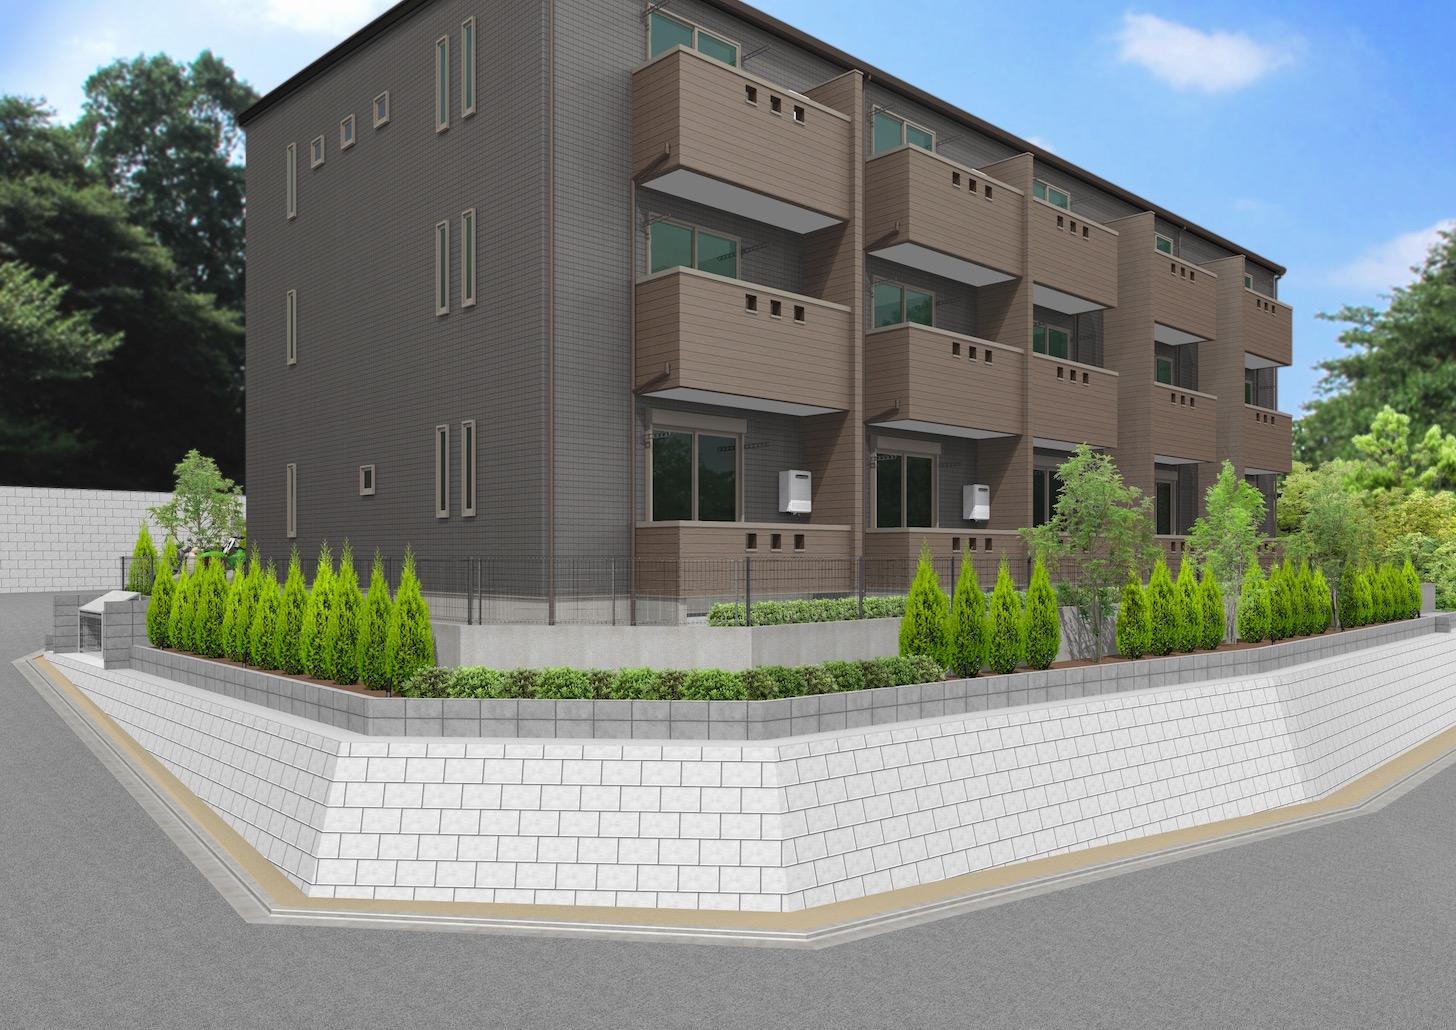 新デザイナーズアパートメントの名称は「Maison en bois(メゾンボワ)」